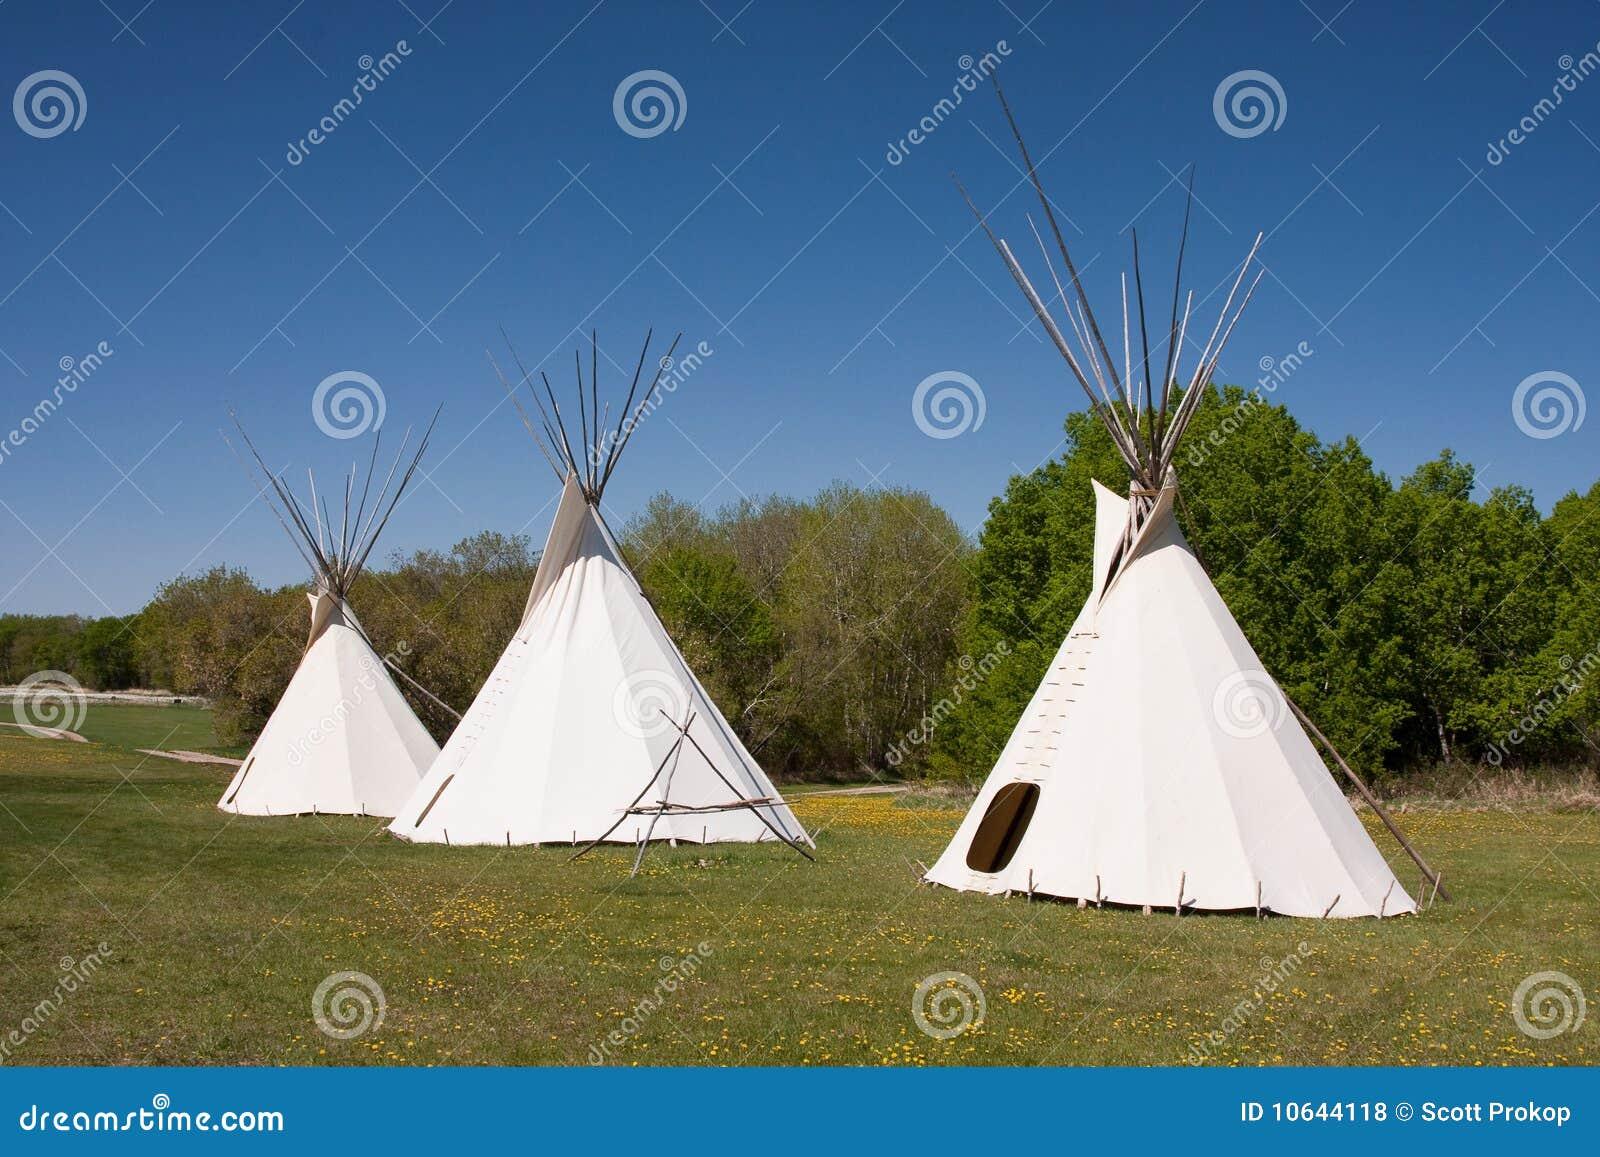 Tres tiendas de los indios norteamericanos indias